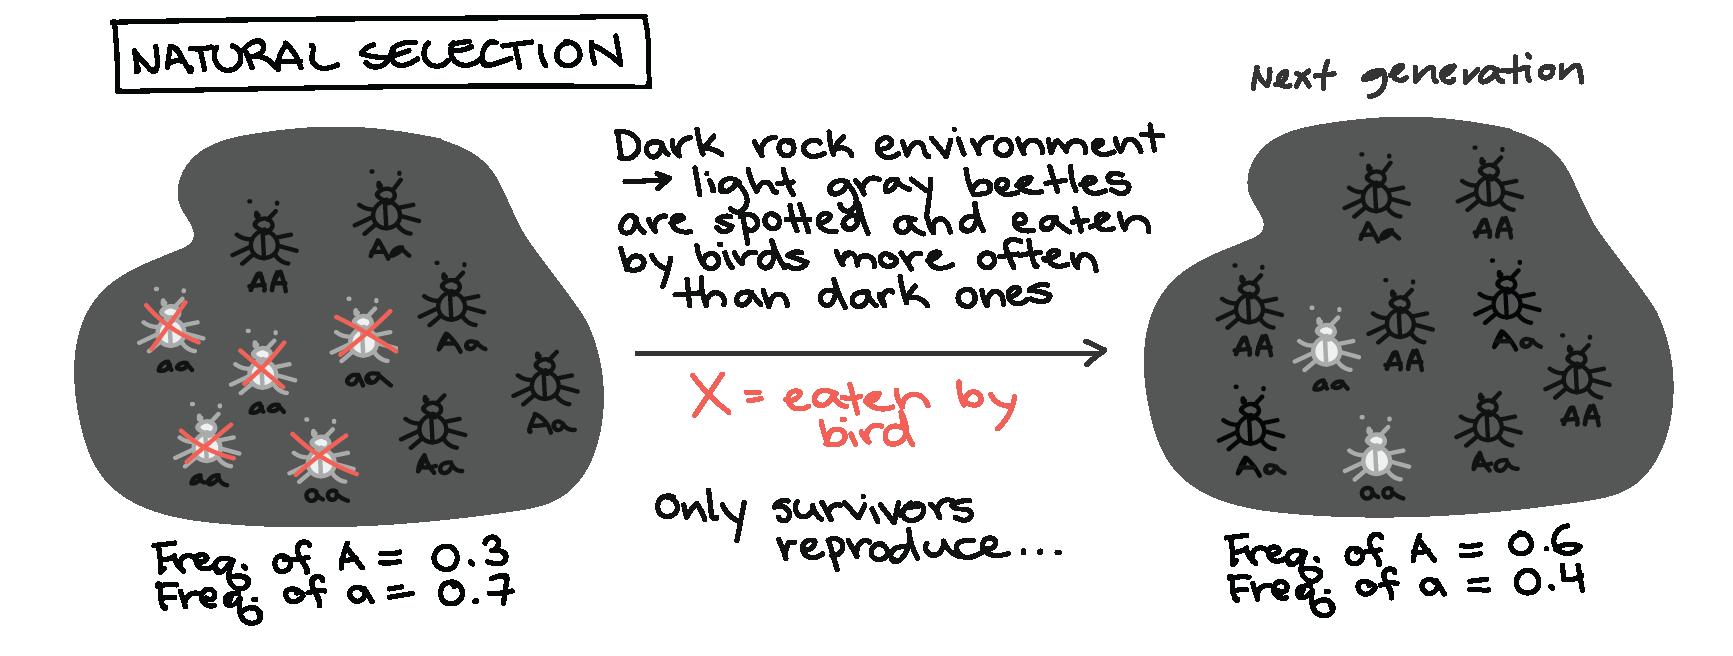 Genetic Drift Article Khan Academy